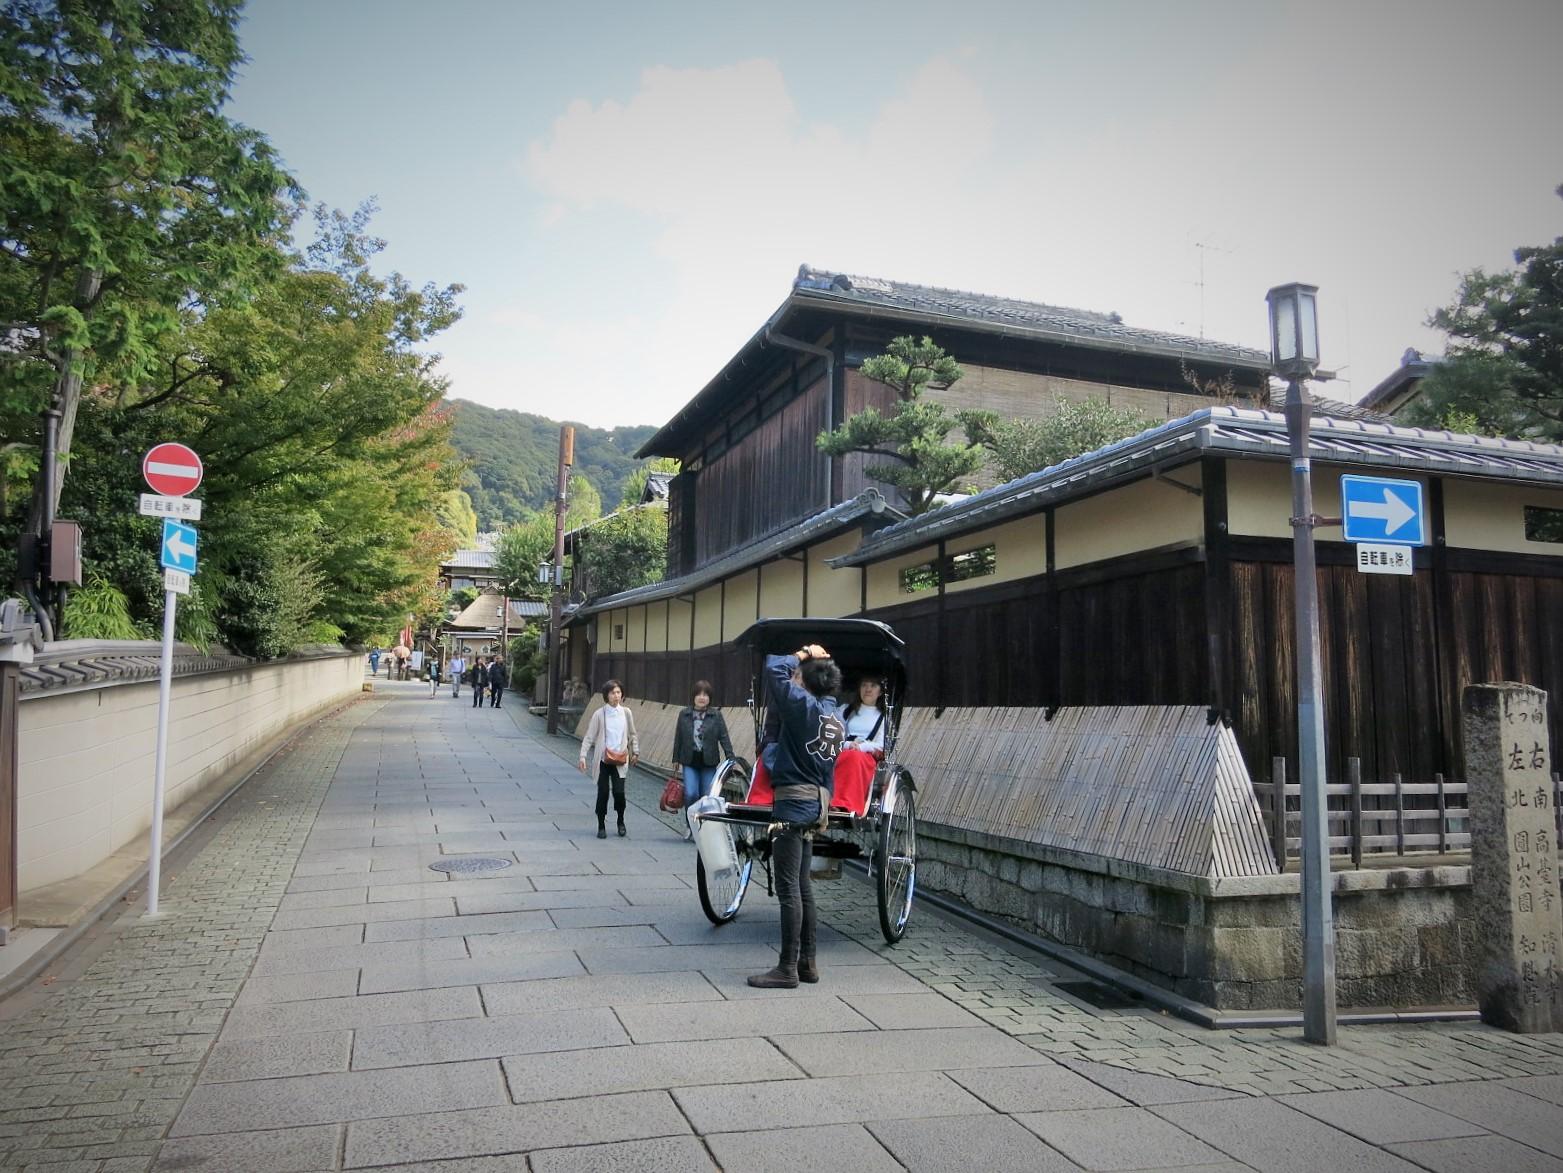 京都で朝活④ 次回の為の覚書き♪_f0236260_1552885.jpg